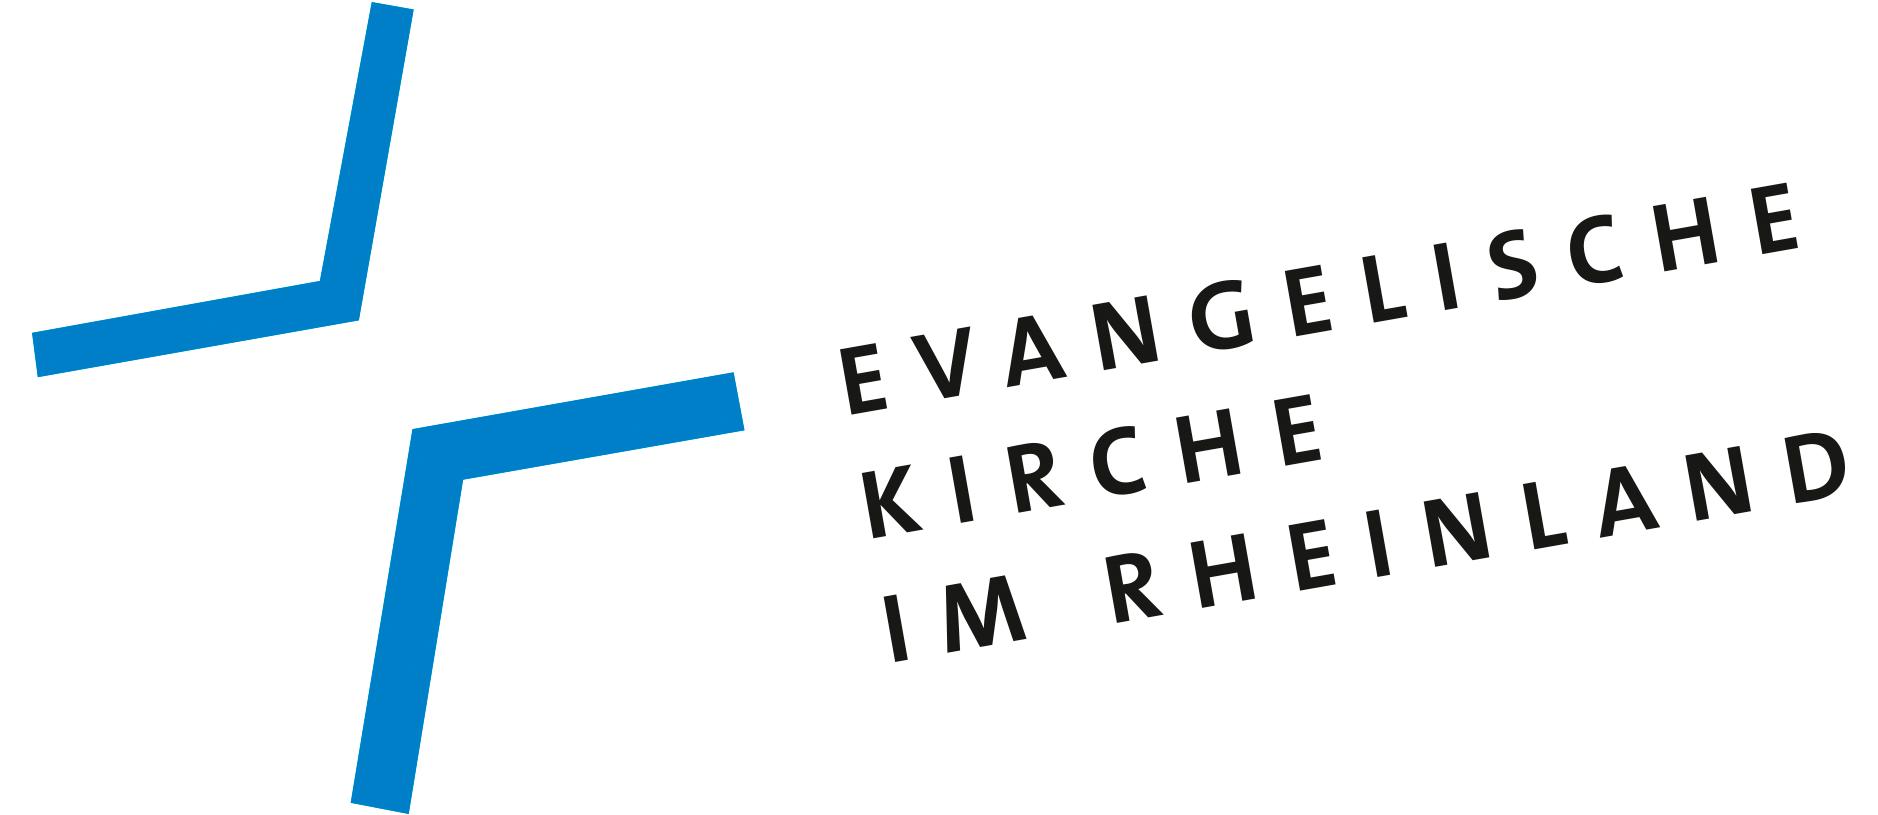 Evangelische Kirche im Rheinland – EKiR.de